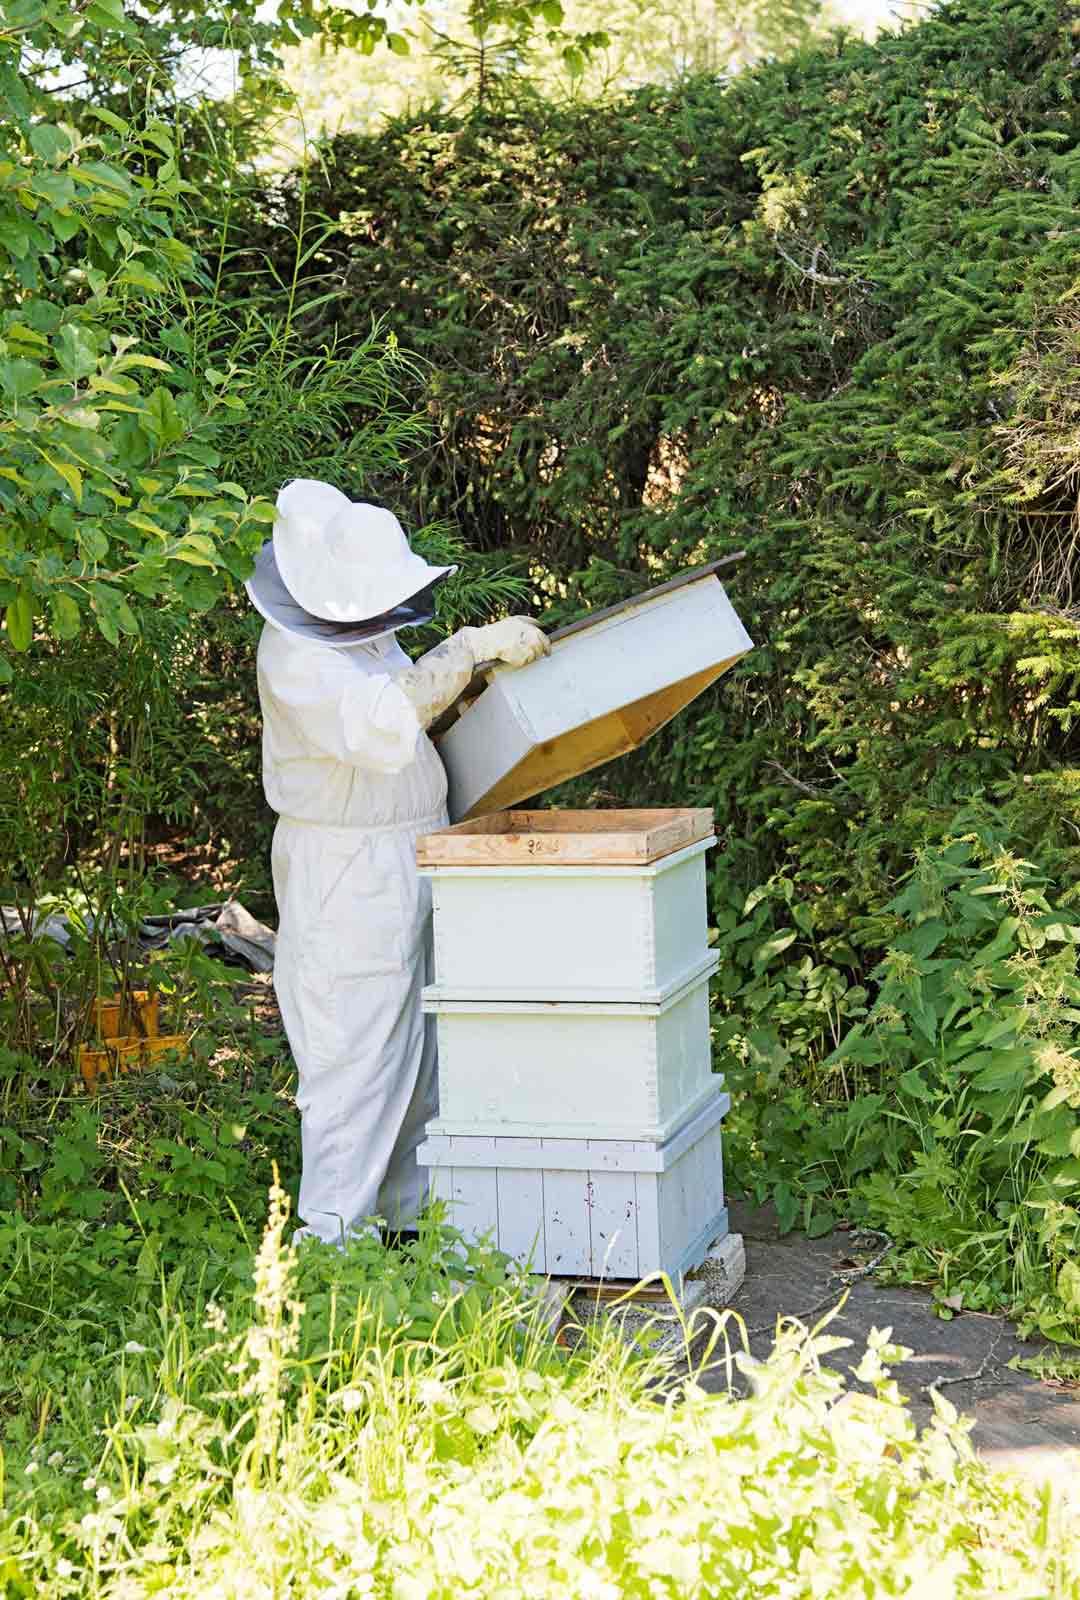 Mehiläisten kasvattaja tarvitsee oikeanlaiset suojavarusteet.